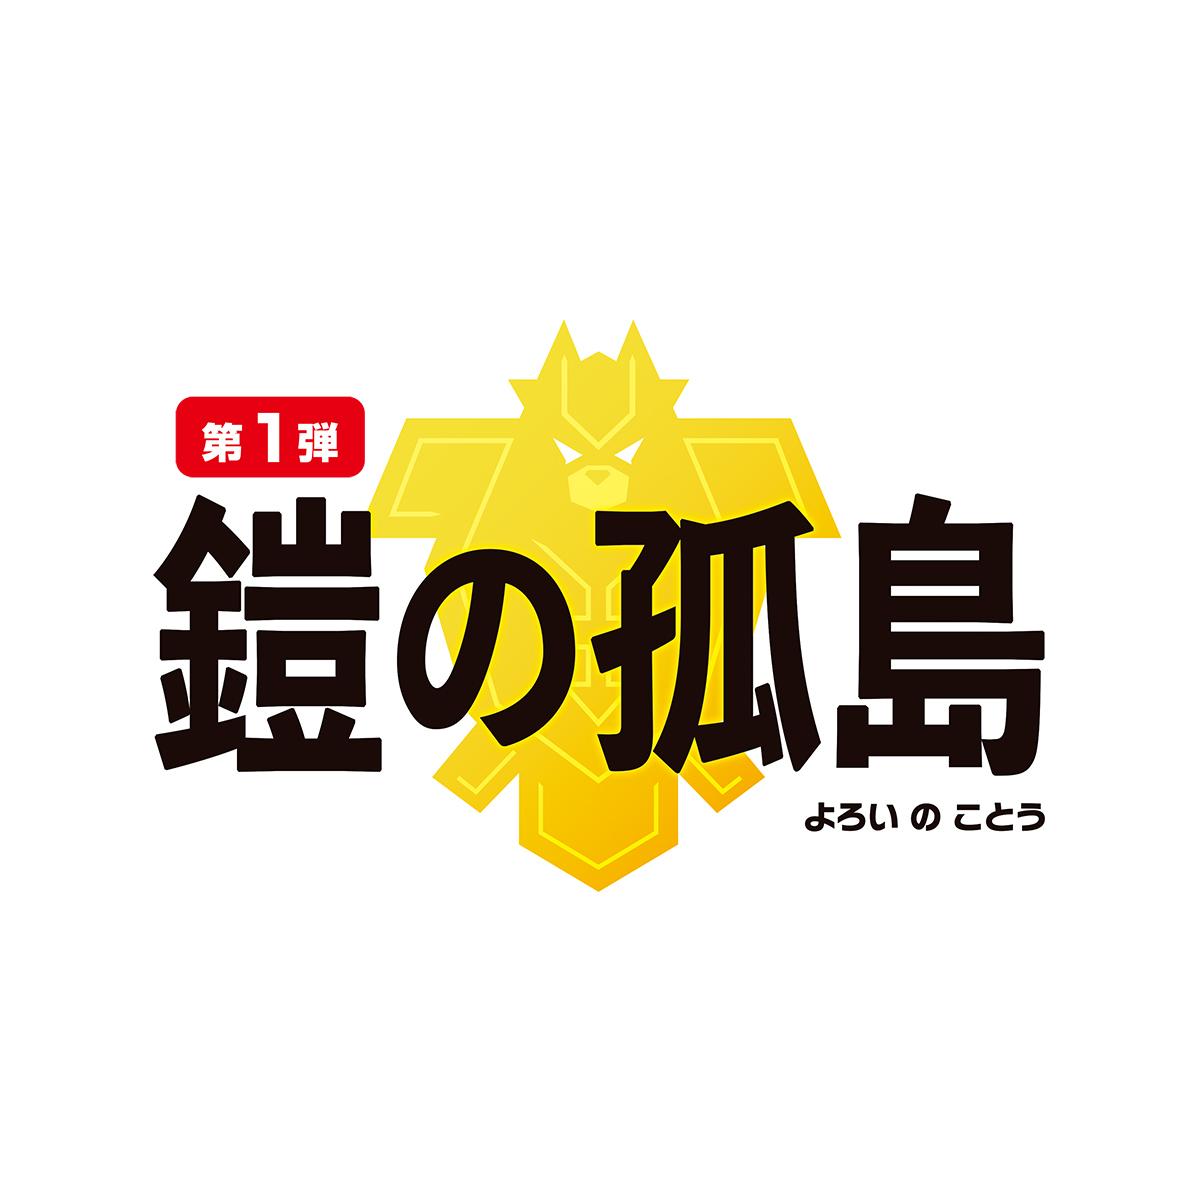 「鎧の孤島(よろいのことう)」ロゴ (c)2020 Pokémon. (c)1995-2020 Nintendo/Creatures Inc. /GAME FREAK inc.